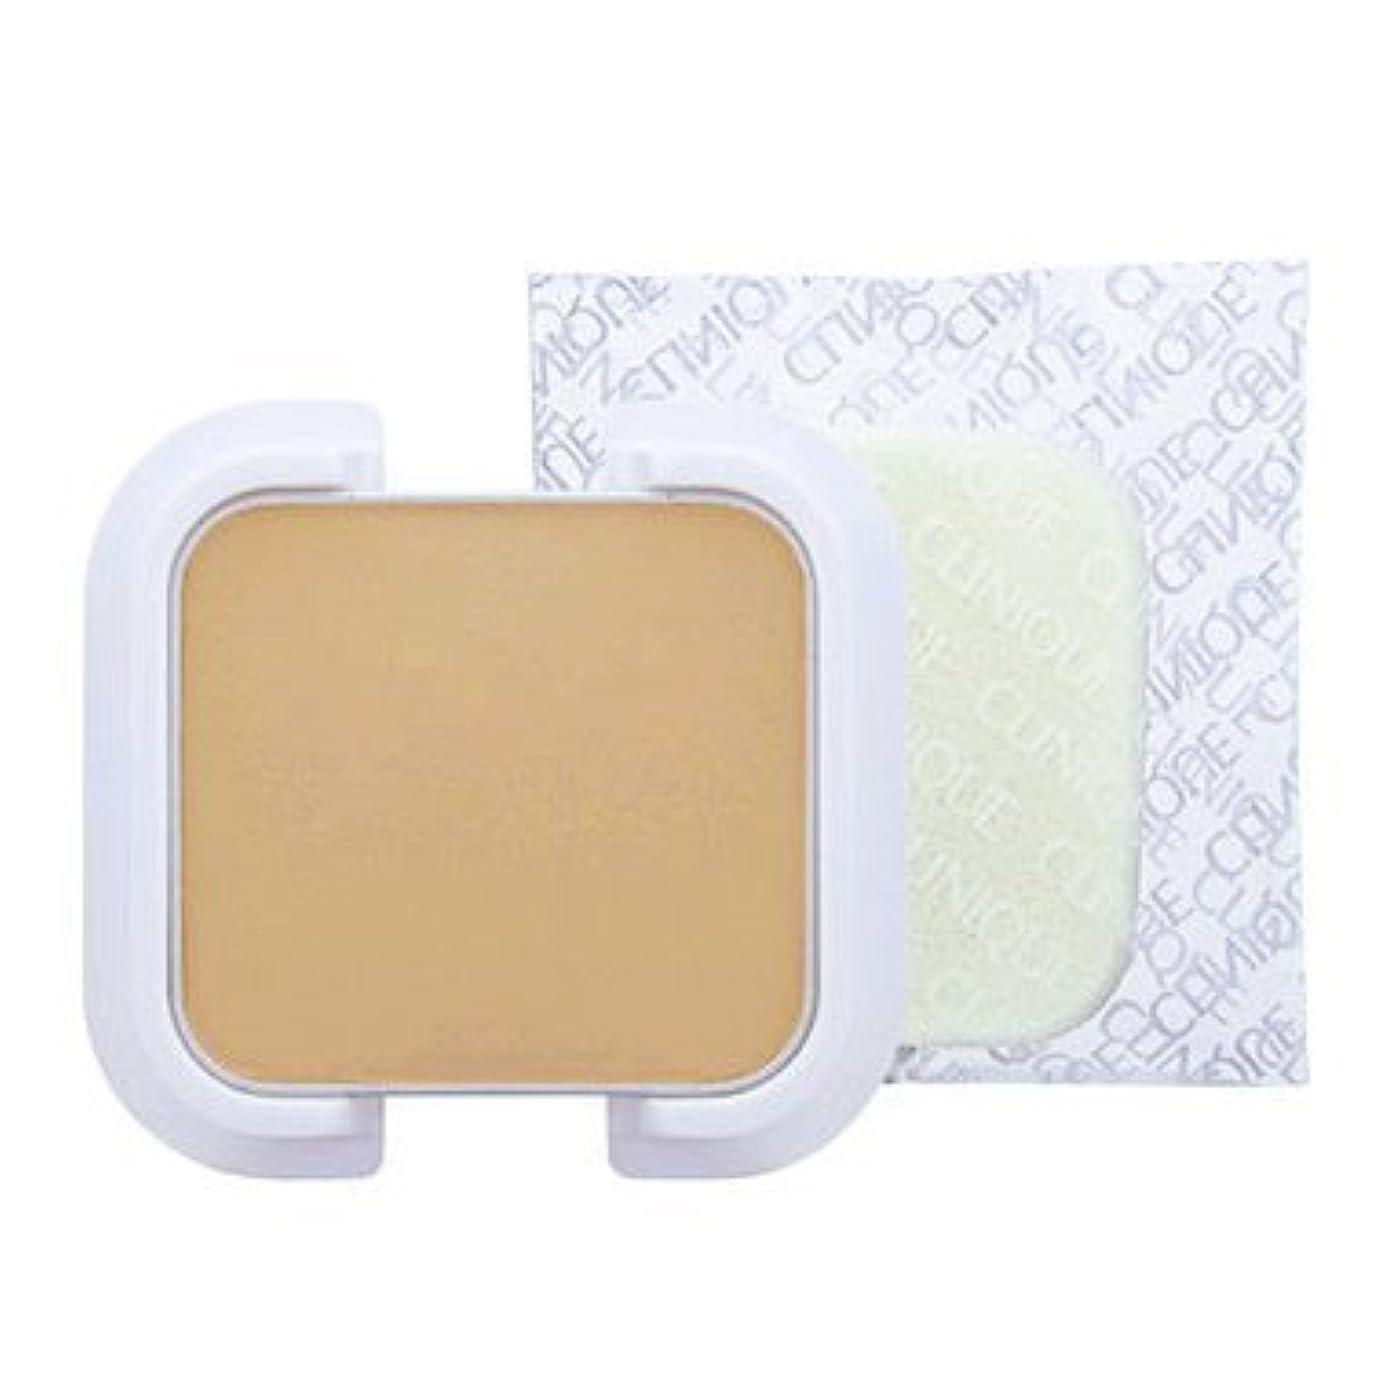 メダリストスラム毒液CLINIQUE クリニーク イーブン ベター パウダー メークアップ ウォーター ヴェール 27 (リフィル) #64 cream beige SPF27/PA+++ 10g [並行輸入品]